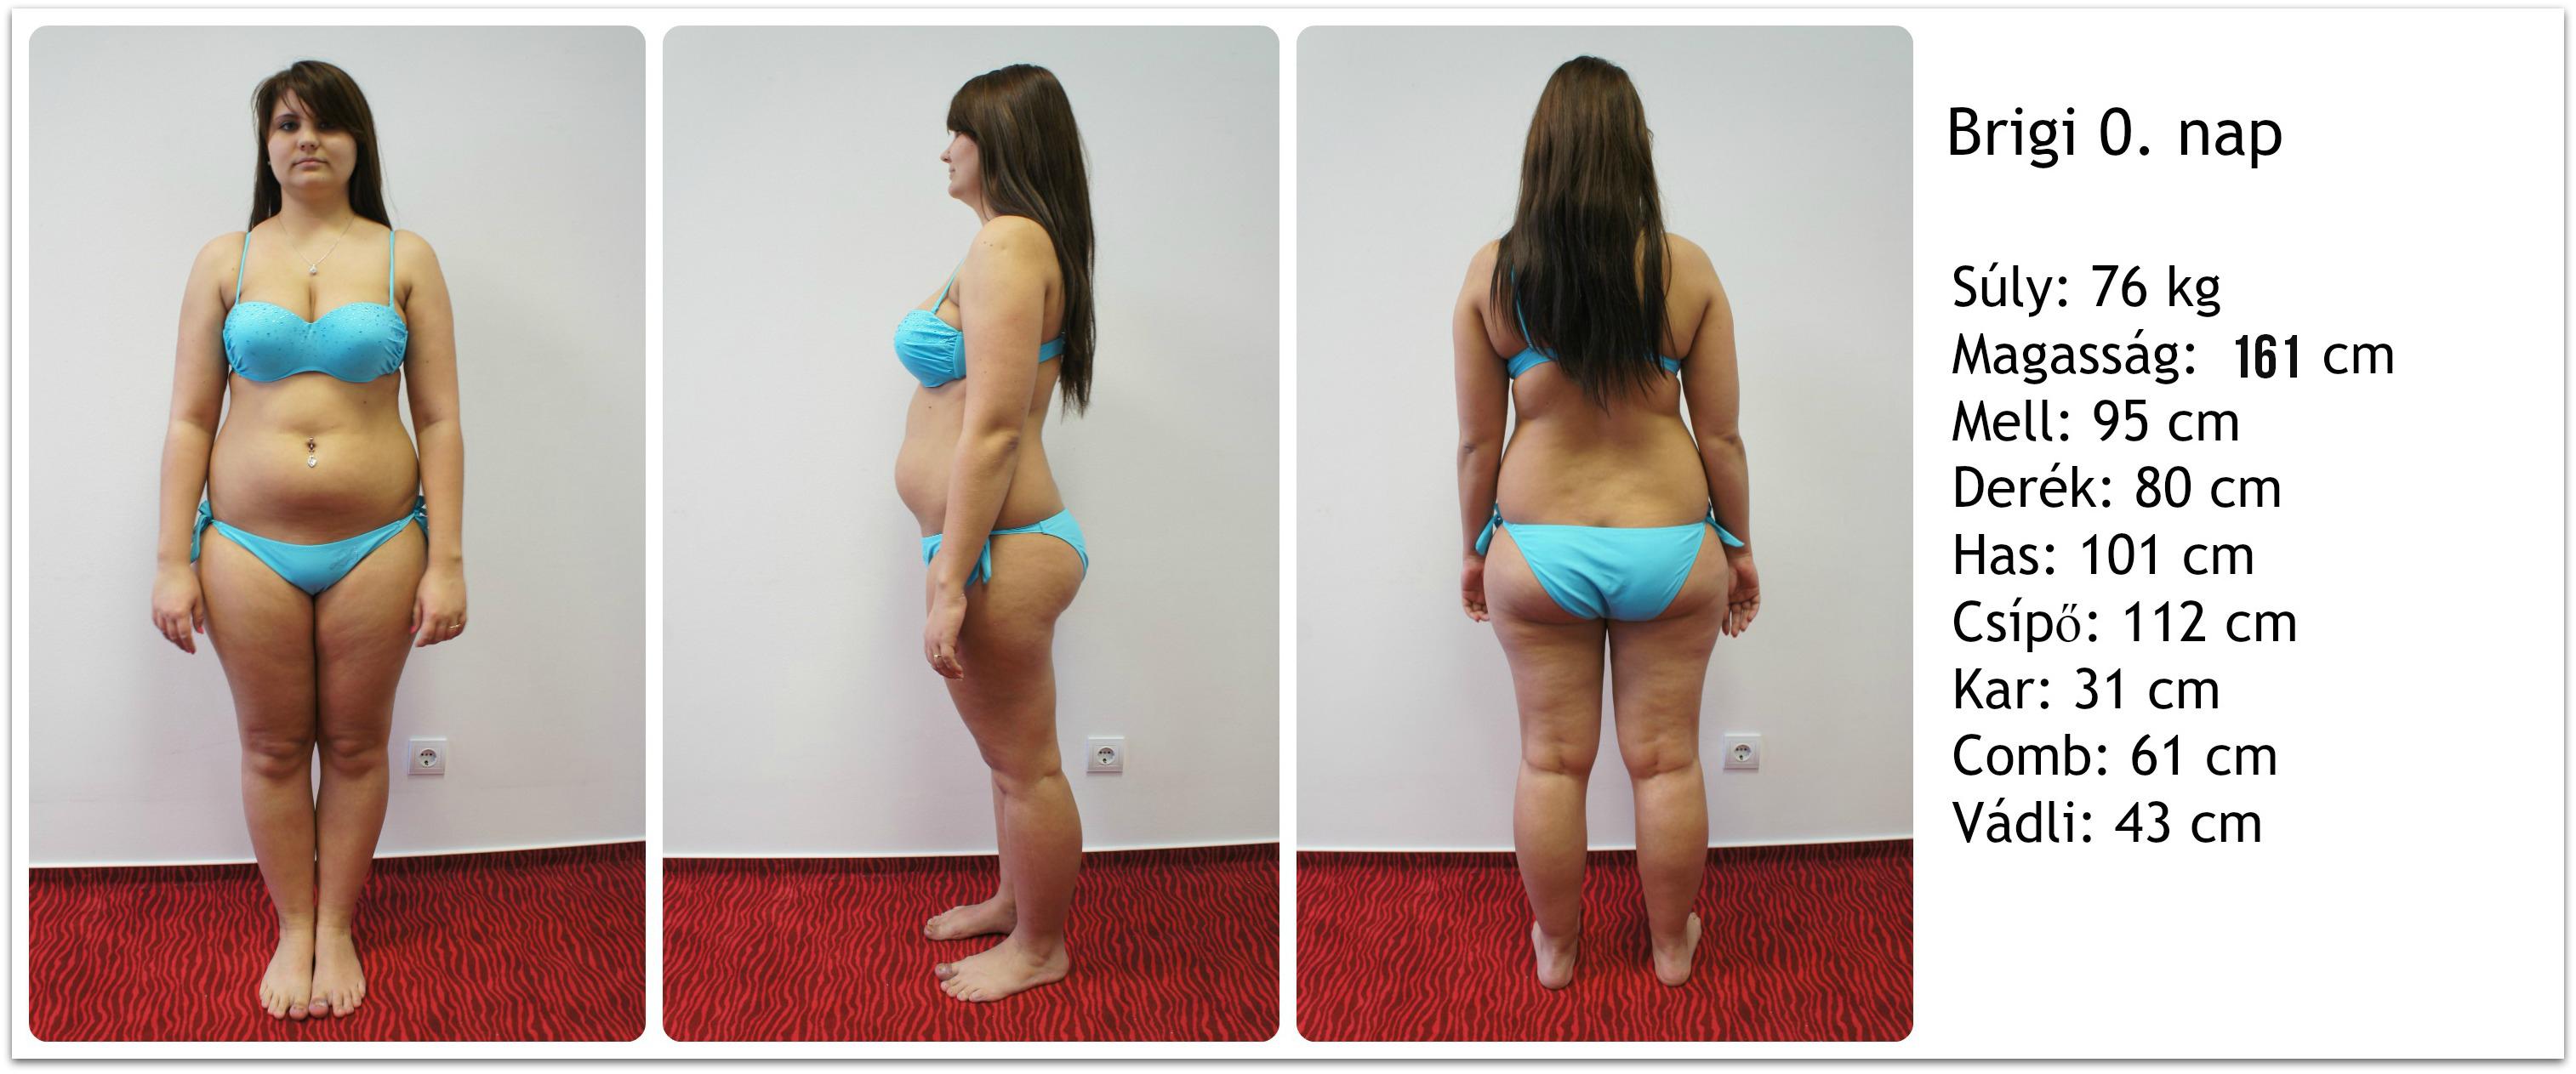 Hogyan lehet fogyni 30 kilót 2 hónap alatt - Diet Maker - Diéta visszahízás ellen